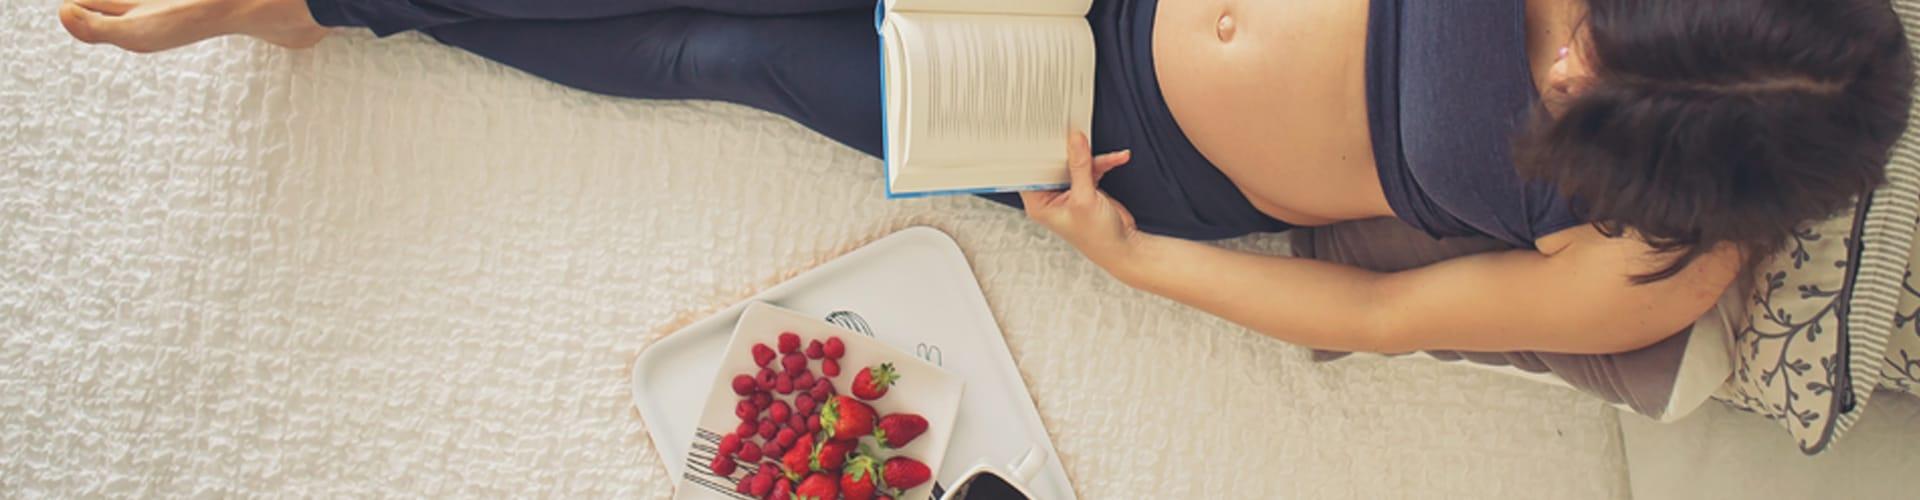 Cuándo se considera un embarazo de alto riesgo? • Portal de salud